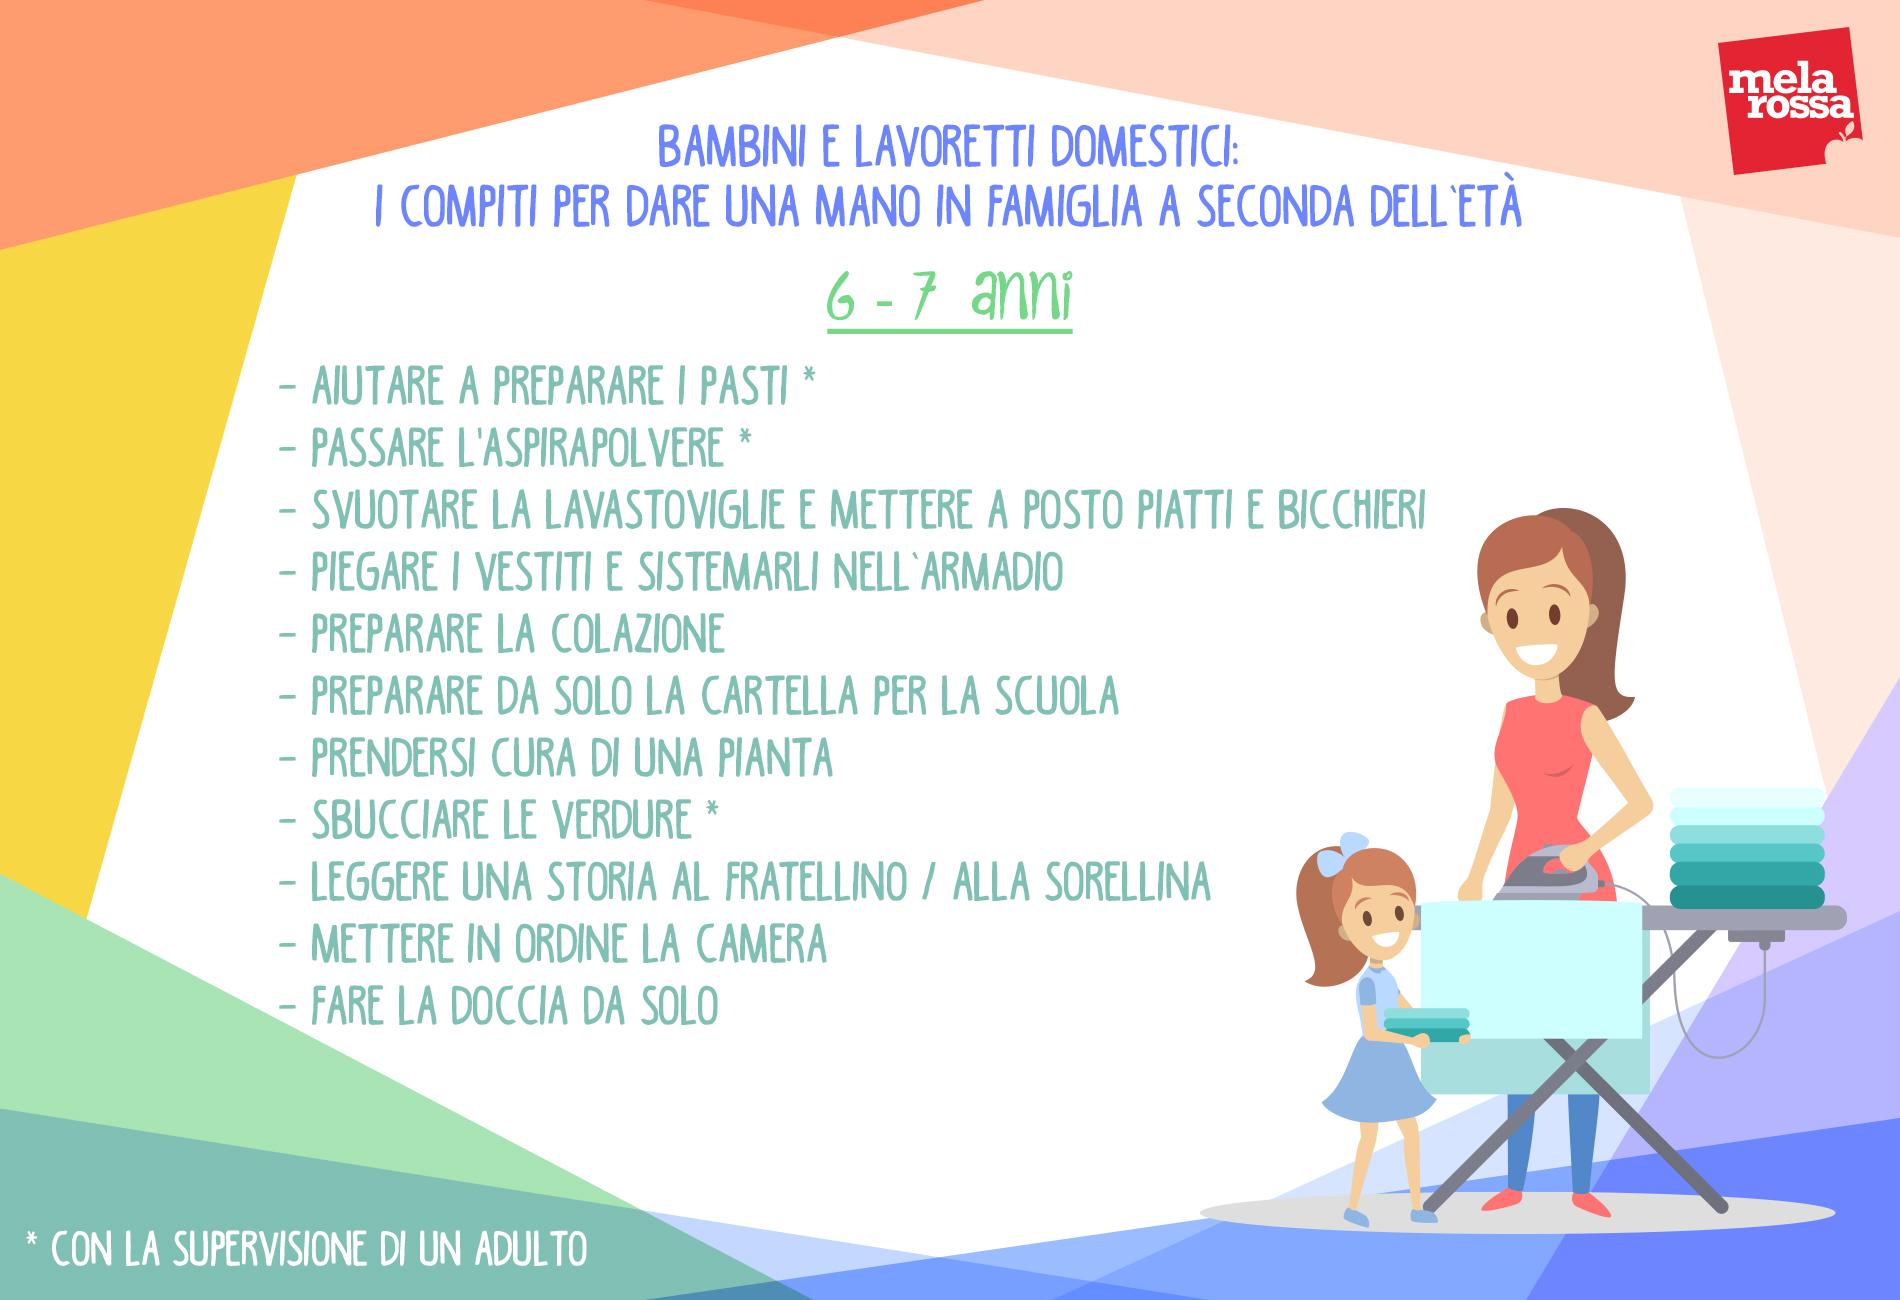 Bambini e lavoretti domestici: compiti 6-7 anni